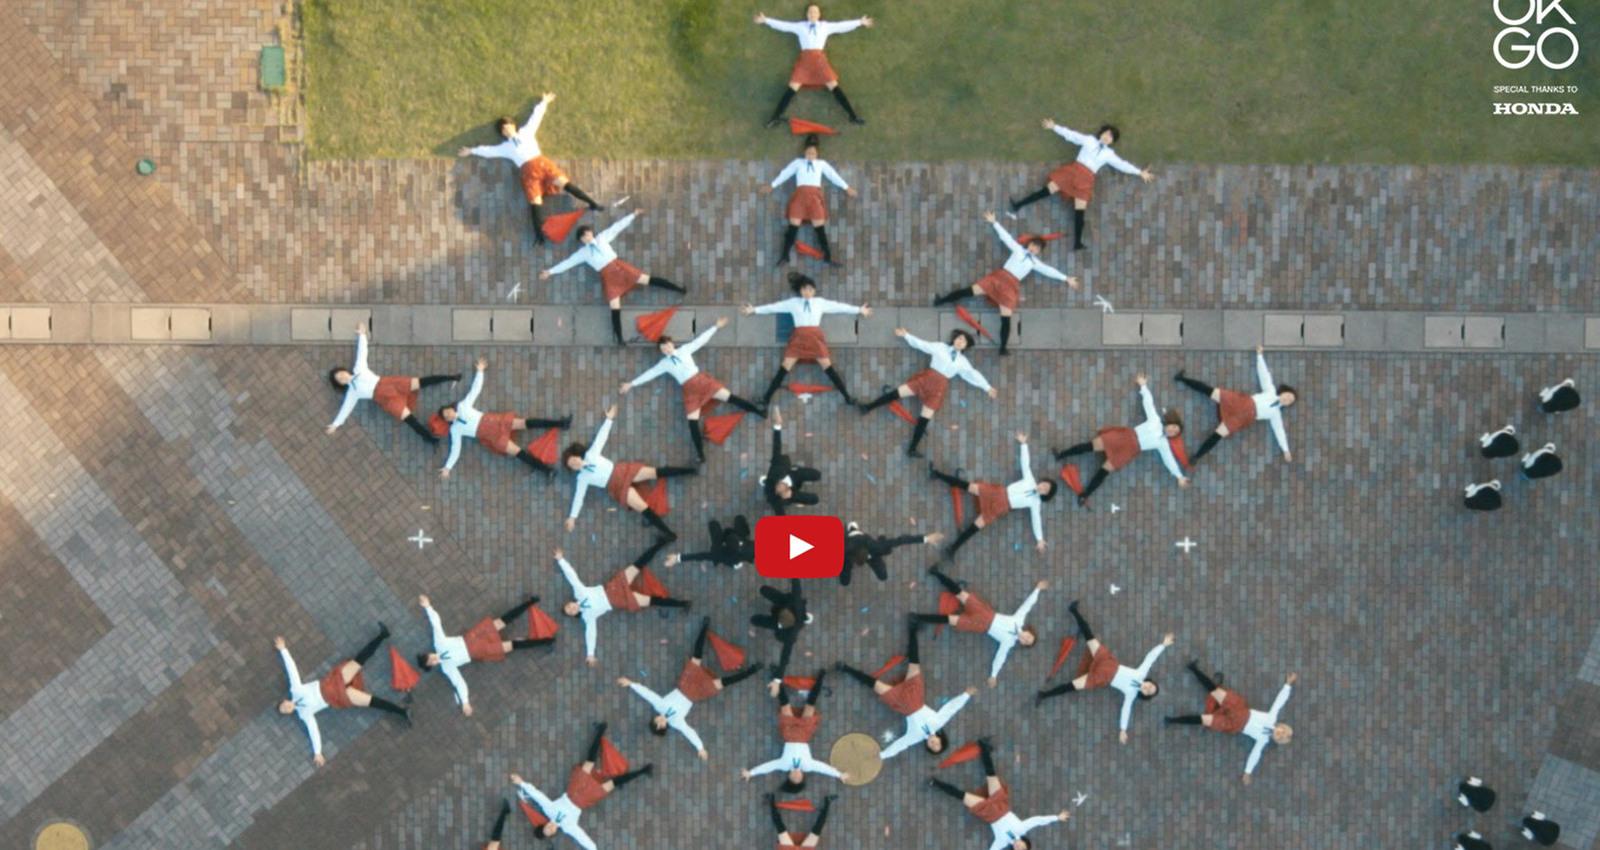 iwontletyoudown.com(OK Go)